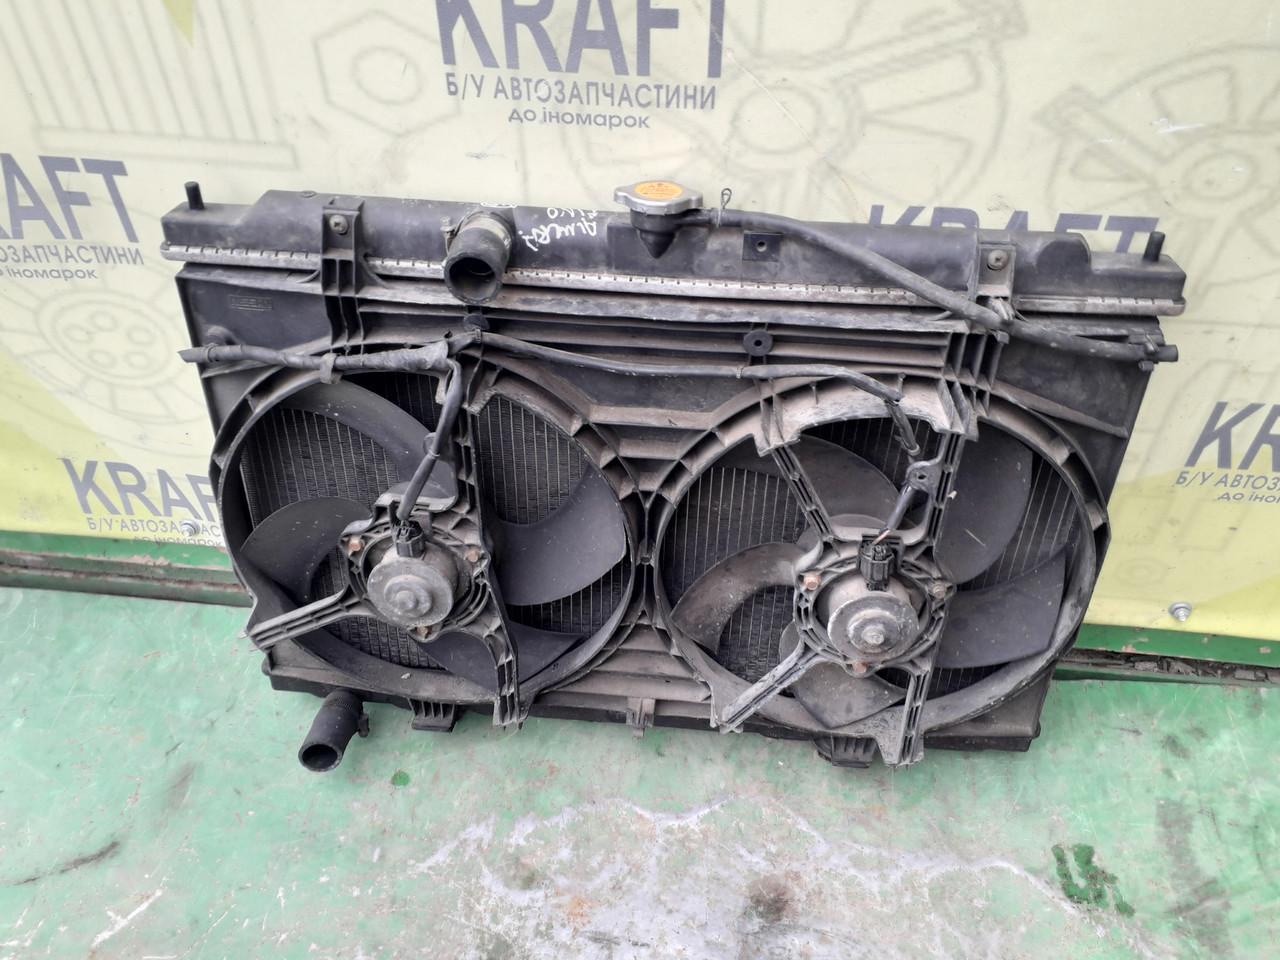 Бу радиатор с вентилятором основного радиатора для Nissan Almera Tino 2002 p., Almera, Primera